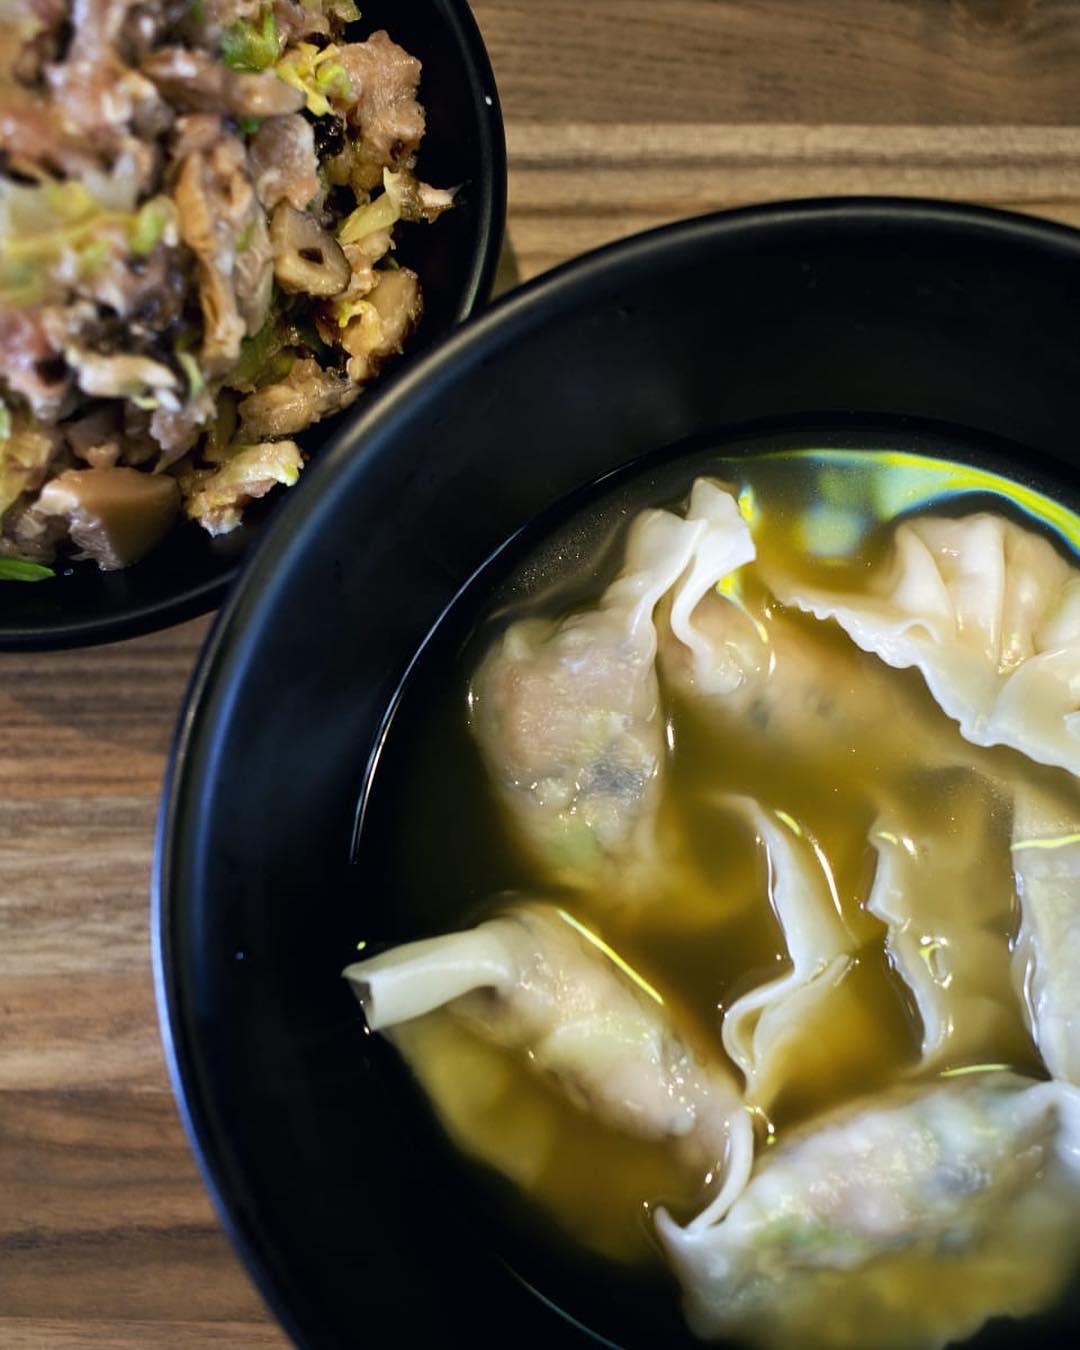 荔枝角黃店推介-甜記餃子-冬菇椰菜雲耳豬肉餃